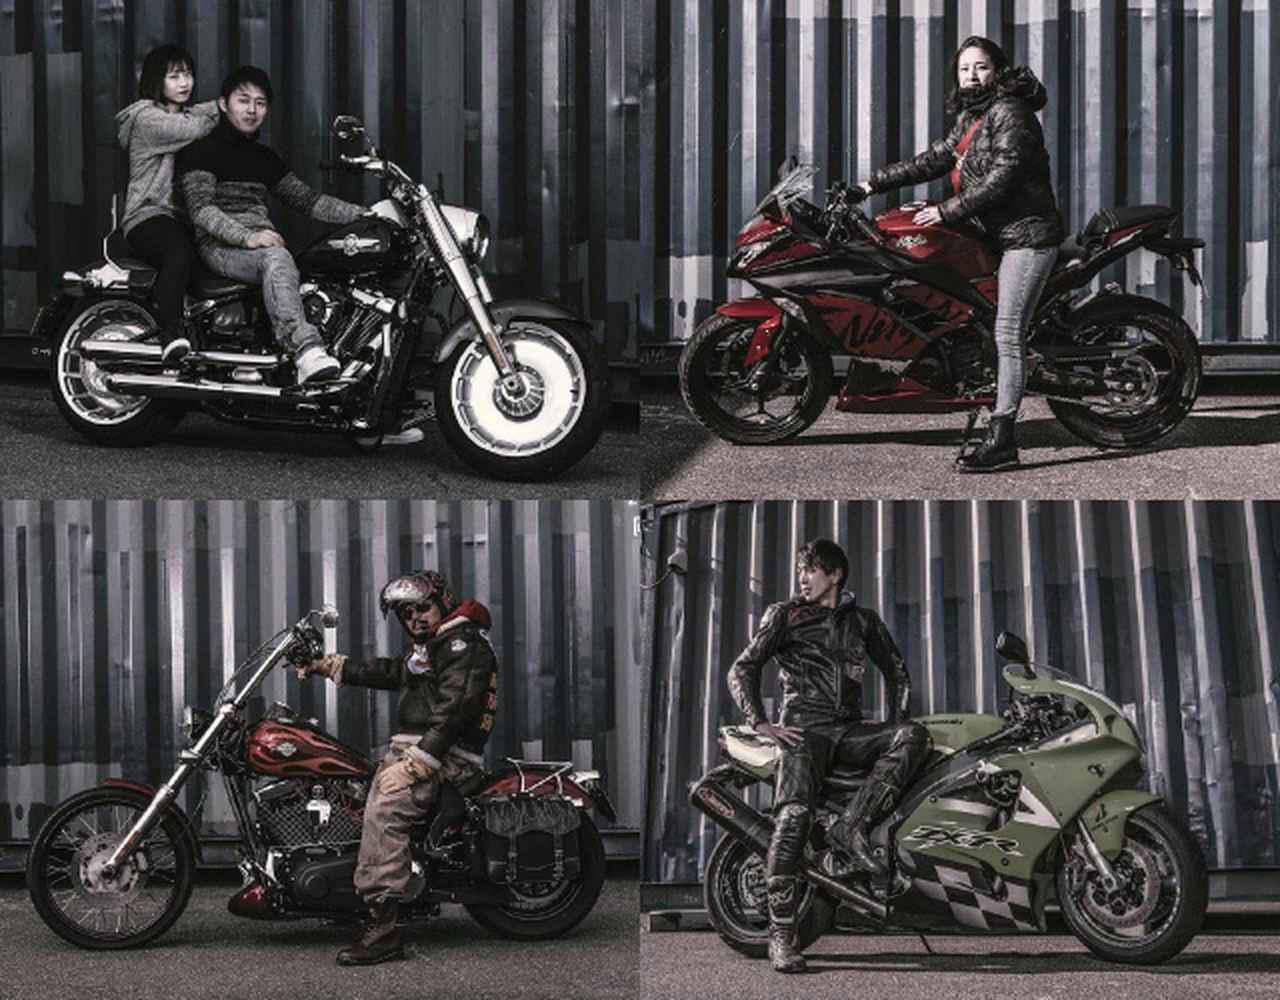 画像3: 東北最大のバイクイベント「第1回 バーカーズパラダイス 蔵王 ふりふり Week」が開催|イベント会場内でRIDE集会も開催します!